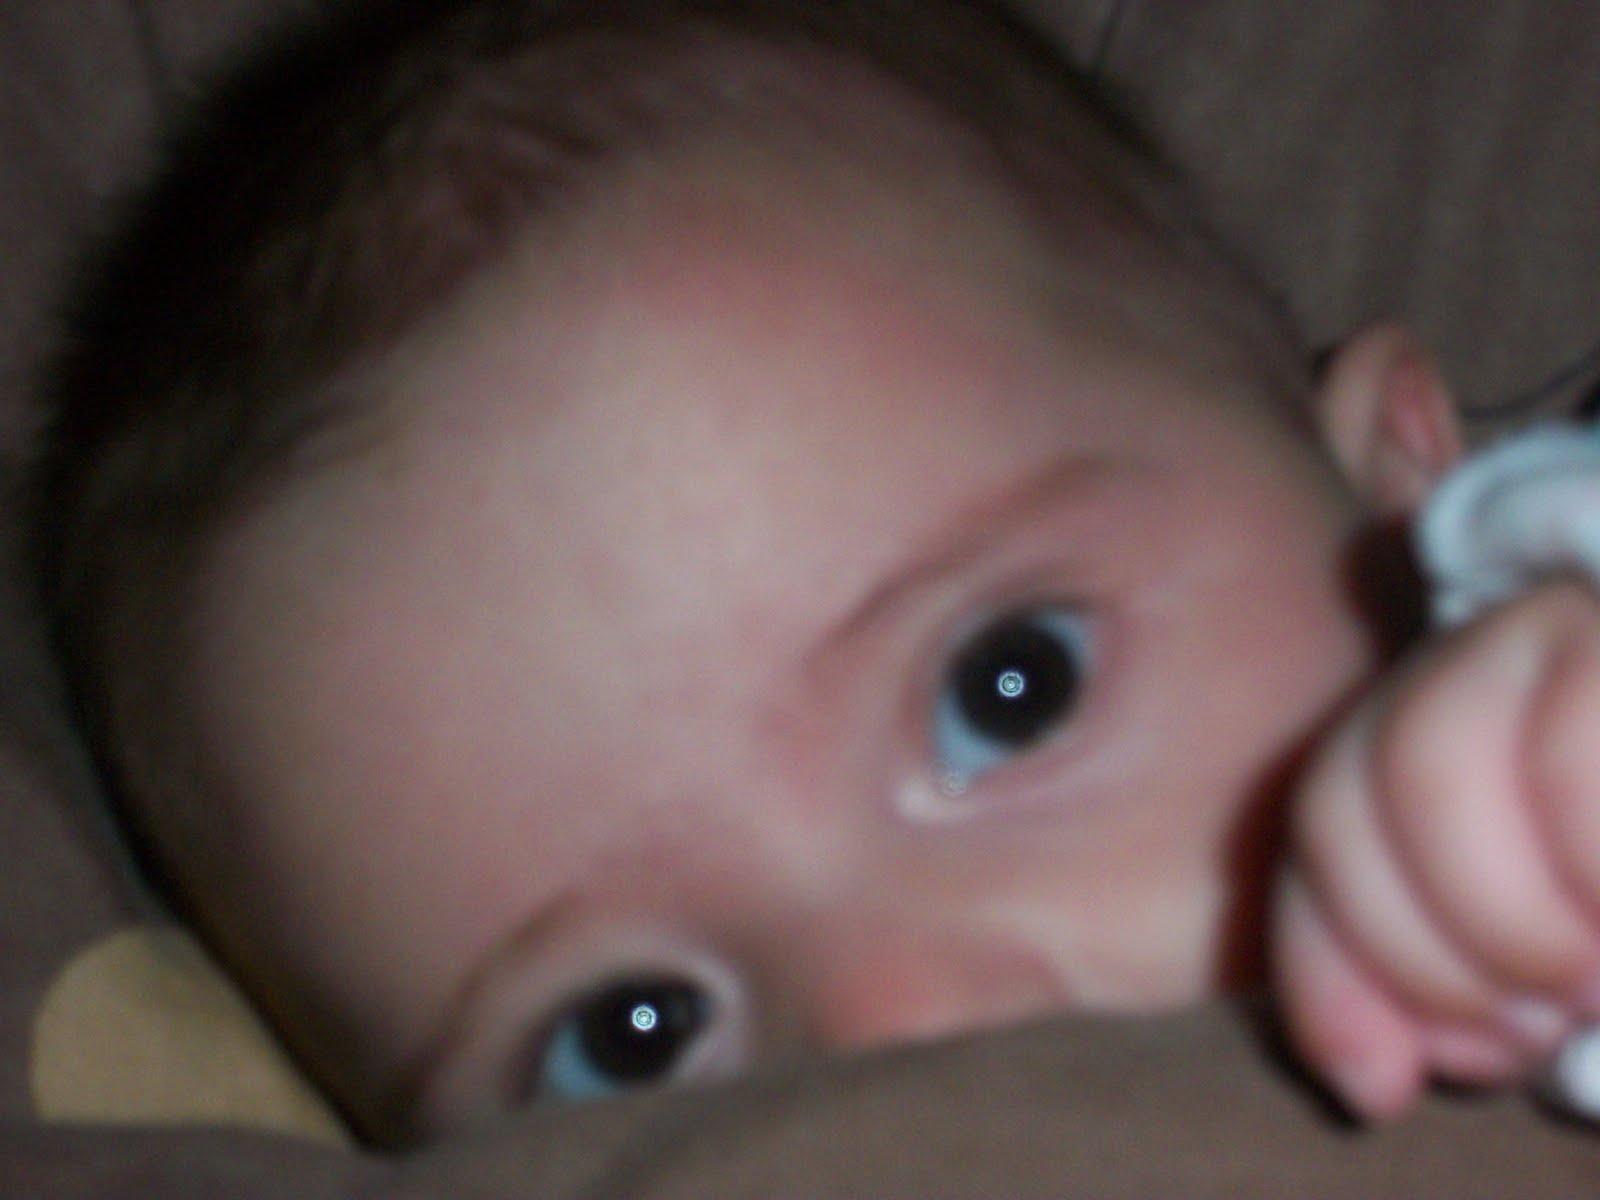 http://1.bp.blogspot.com/-dRIZEFpG-oY/Tm-v85vquXI/AAAAAAAAAAY/lDyJdpsCPMA/s1600/100_1854.JPG